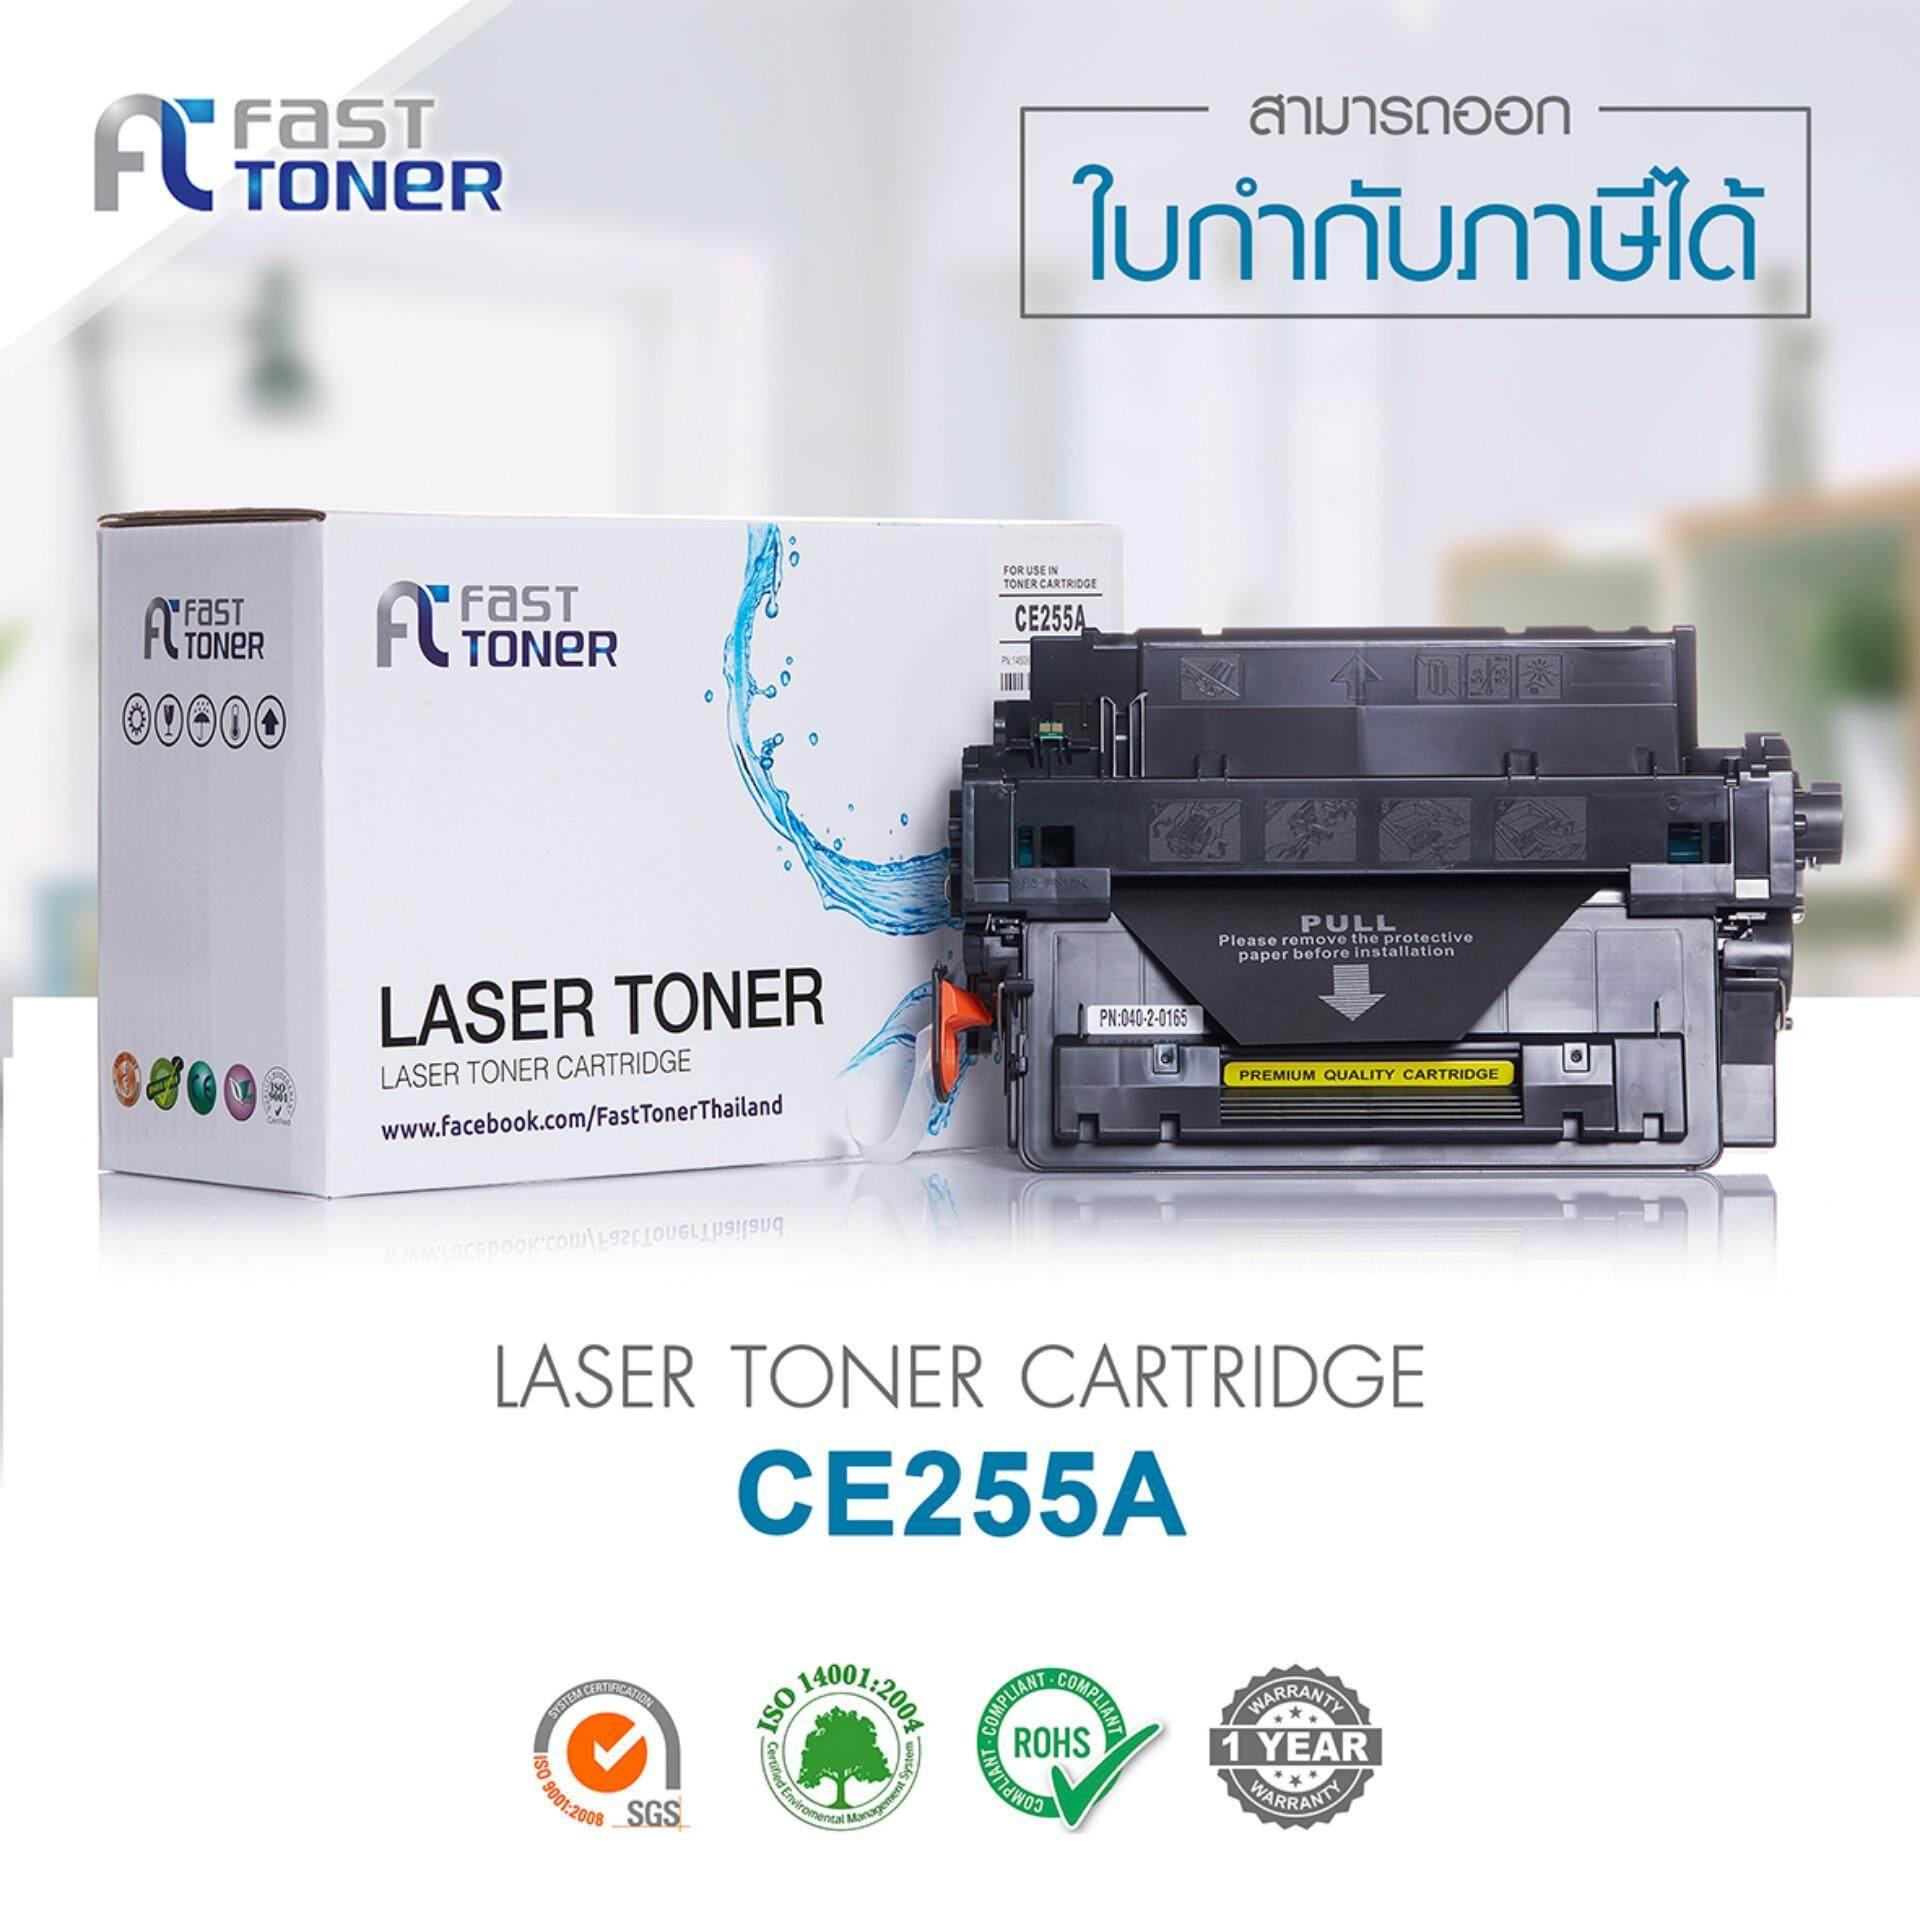 ขาย Fast Toner ตลับหมึกเลเซอร์ Hp Ce255A สำหรับเครื่องปริ้น Hp Laserjet P3010 P3015 P3015D P3015Dn P3015X 55A สีดำ ออนไลน์ กรุงเทพมหานคร